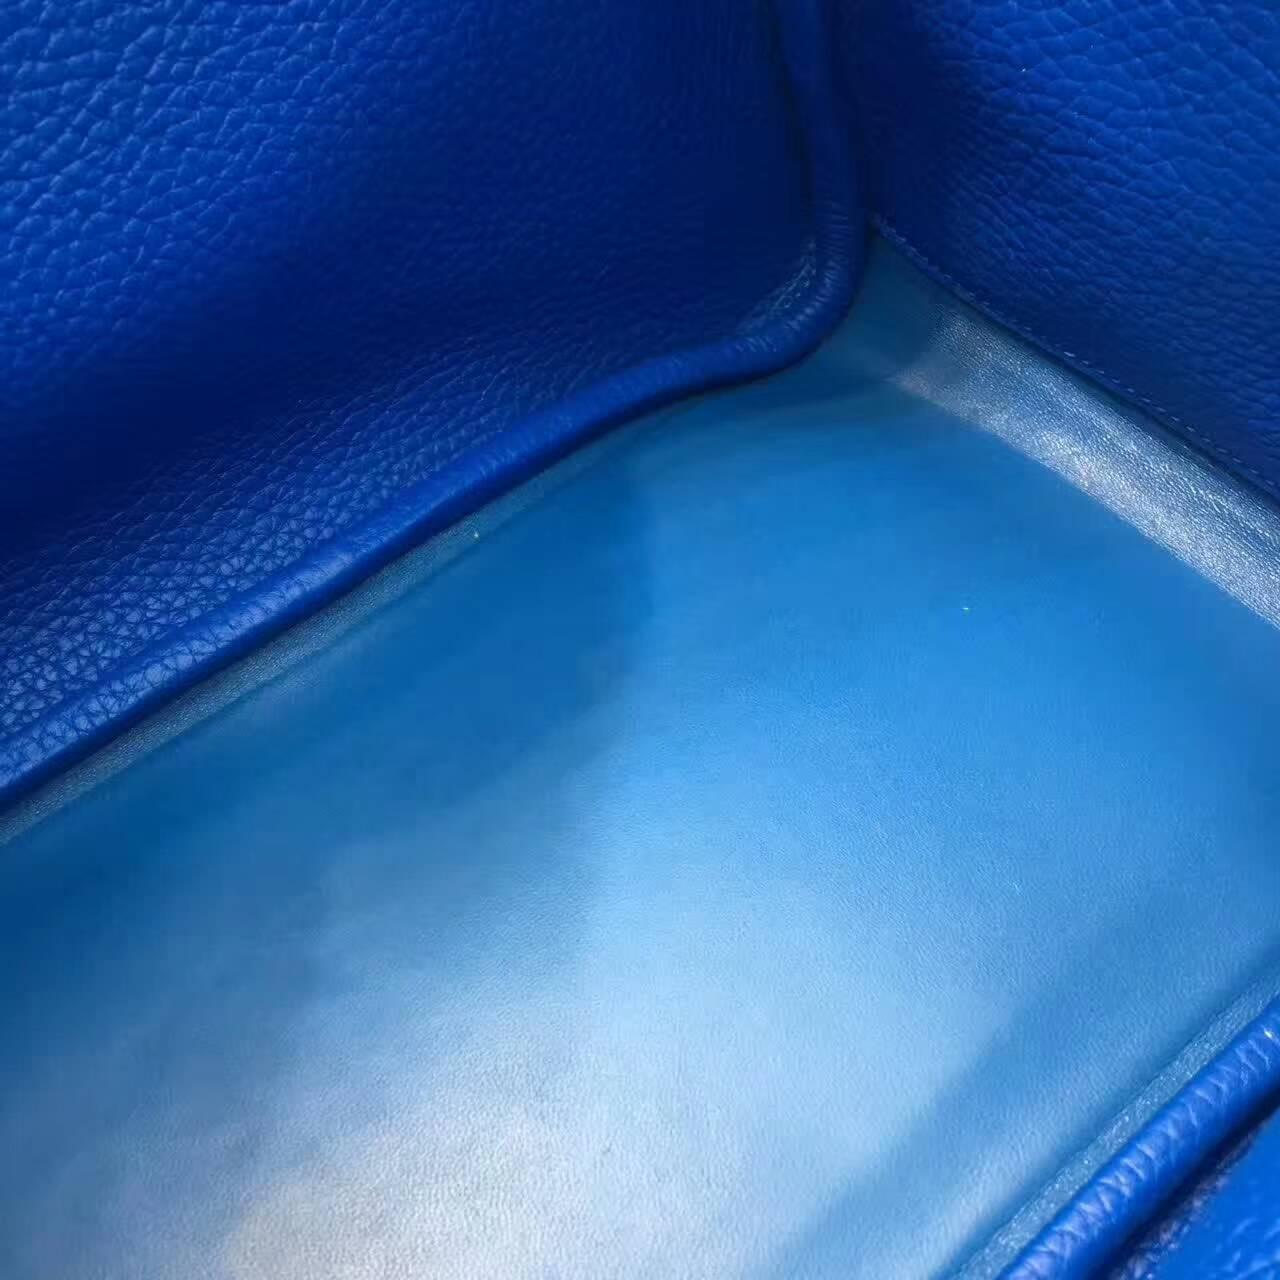 爱马仕Lindy包包 26cm Clemence 法国原产Togo大牛皮 纯白拼希腊蓝